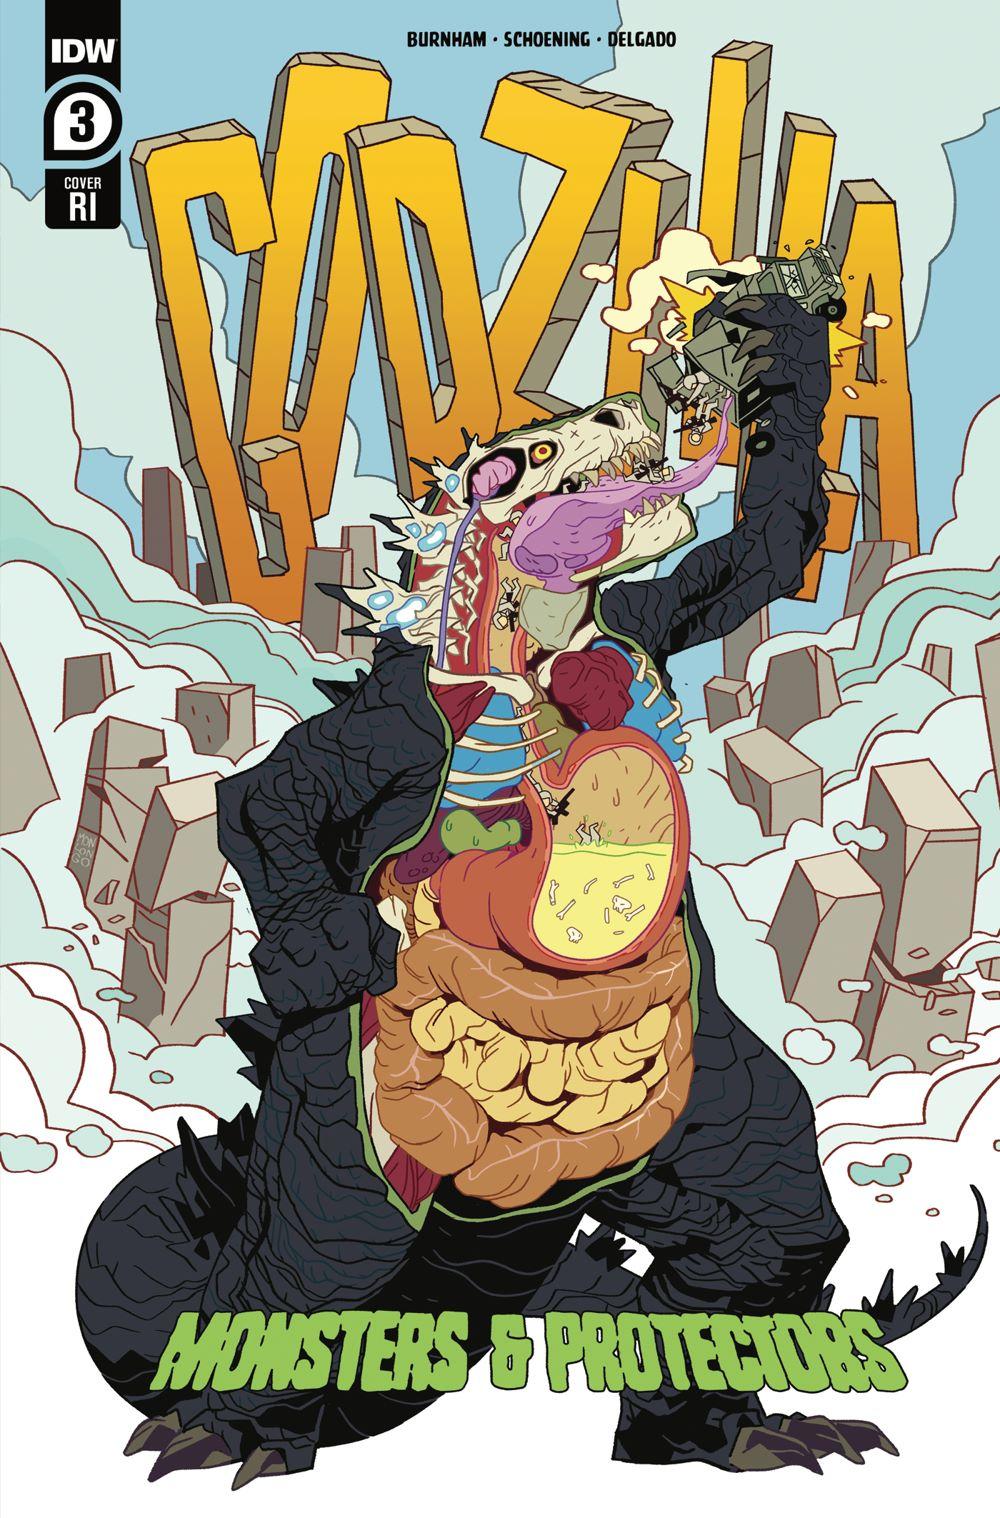 Godzilla_MP03-coverRI ComicList: IDW Publishing New Releases for 06/16/2021